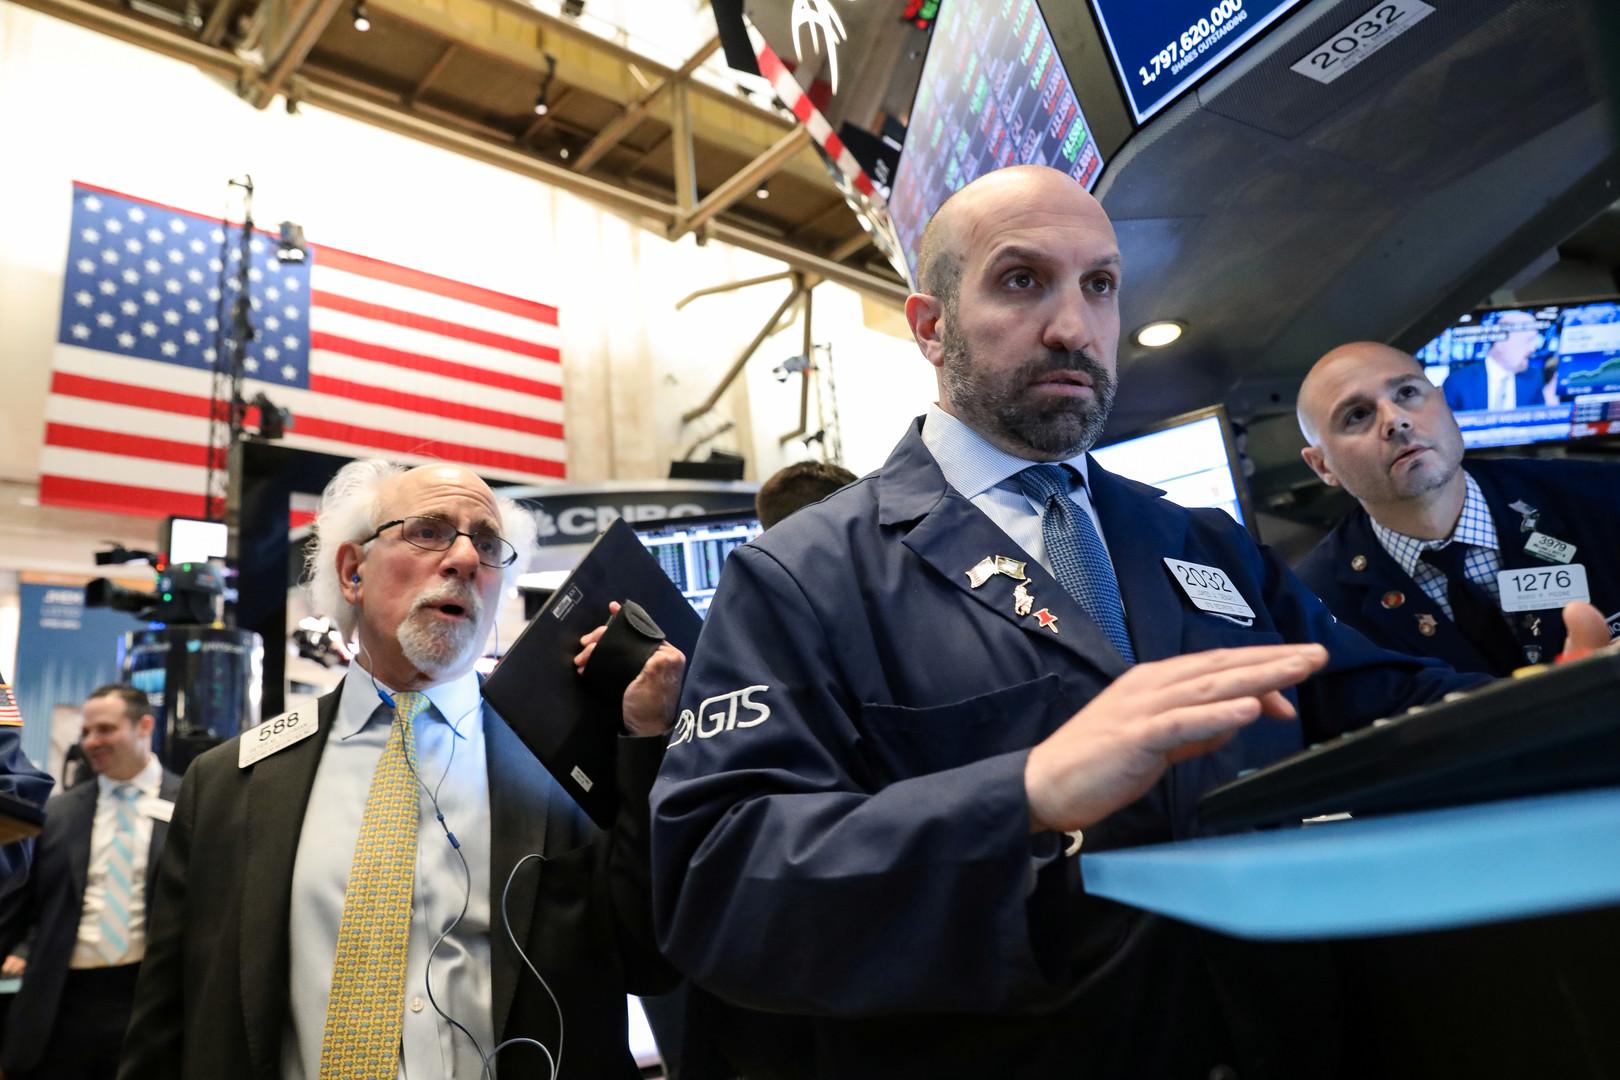 بورصة وول ستريت تغلق منخفضة مع تأثر قطاع التكنولوجيا بقيود